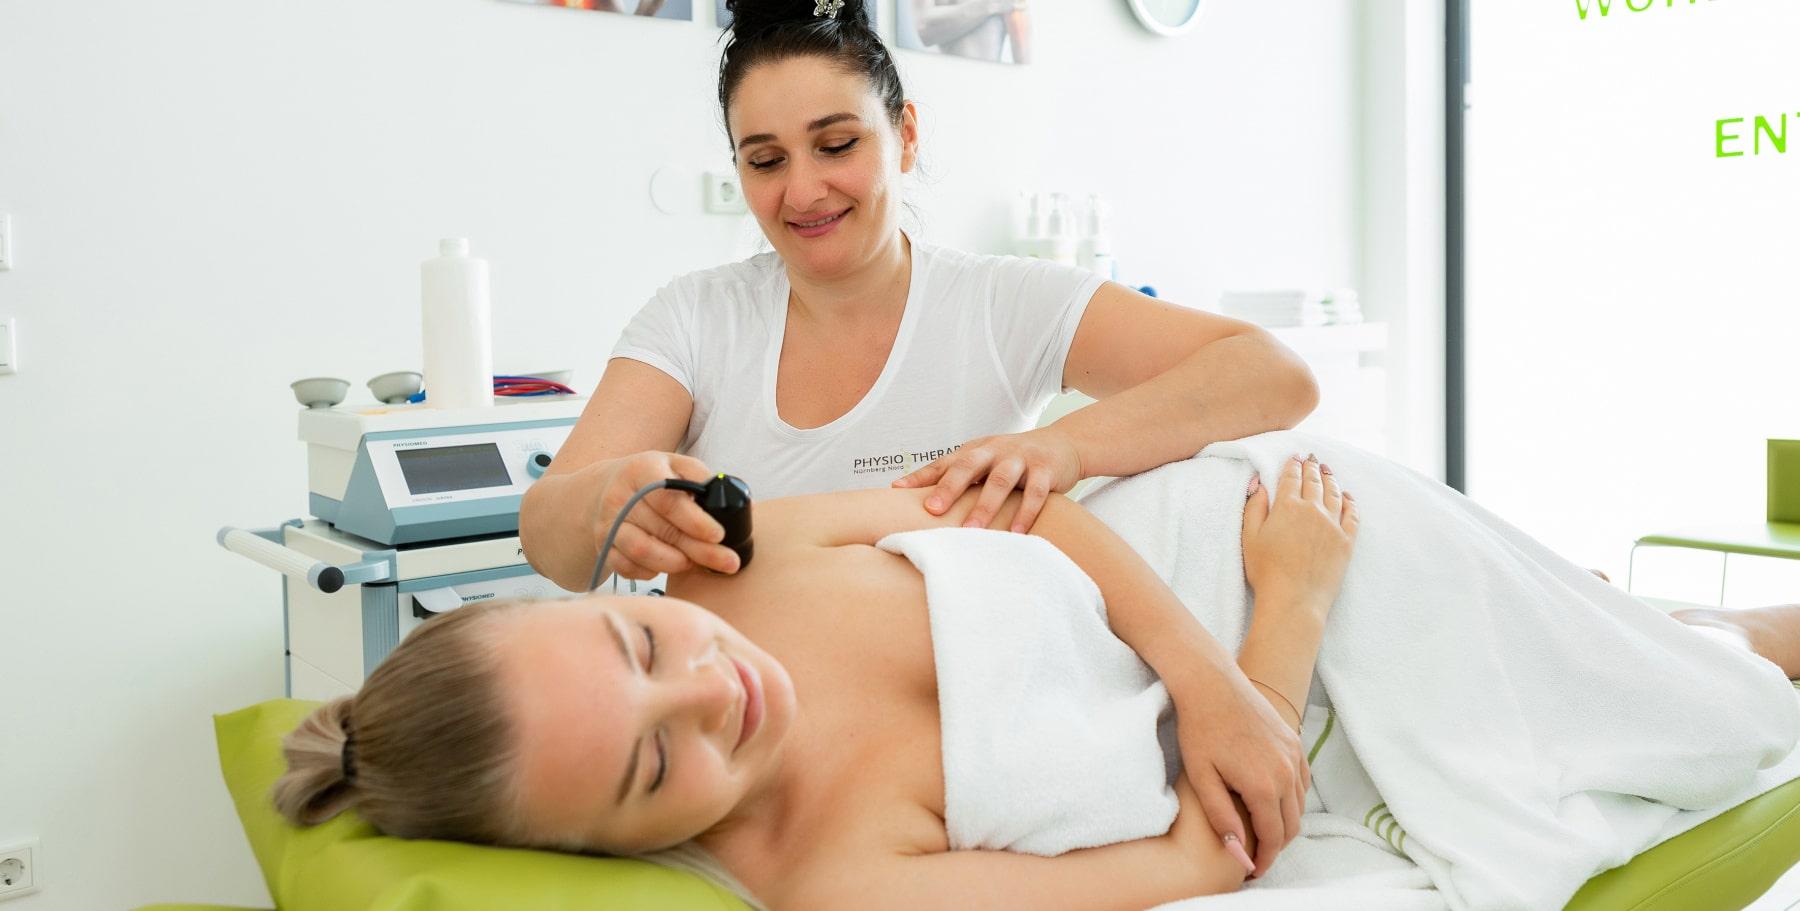 physiotherapie-nuernberg-banner-10-min